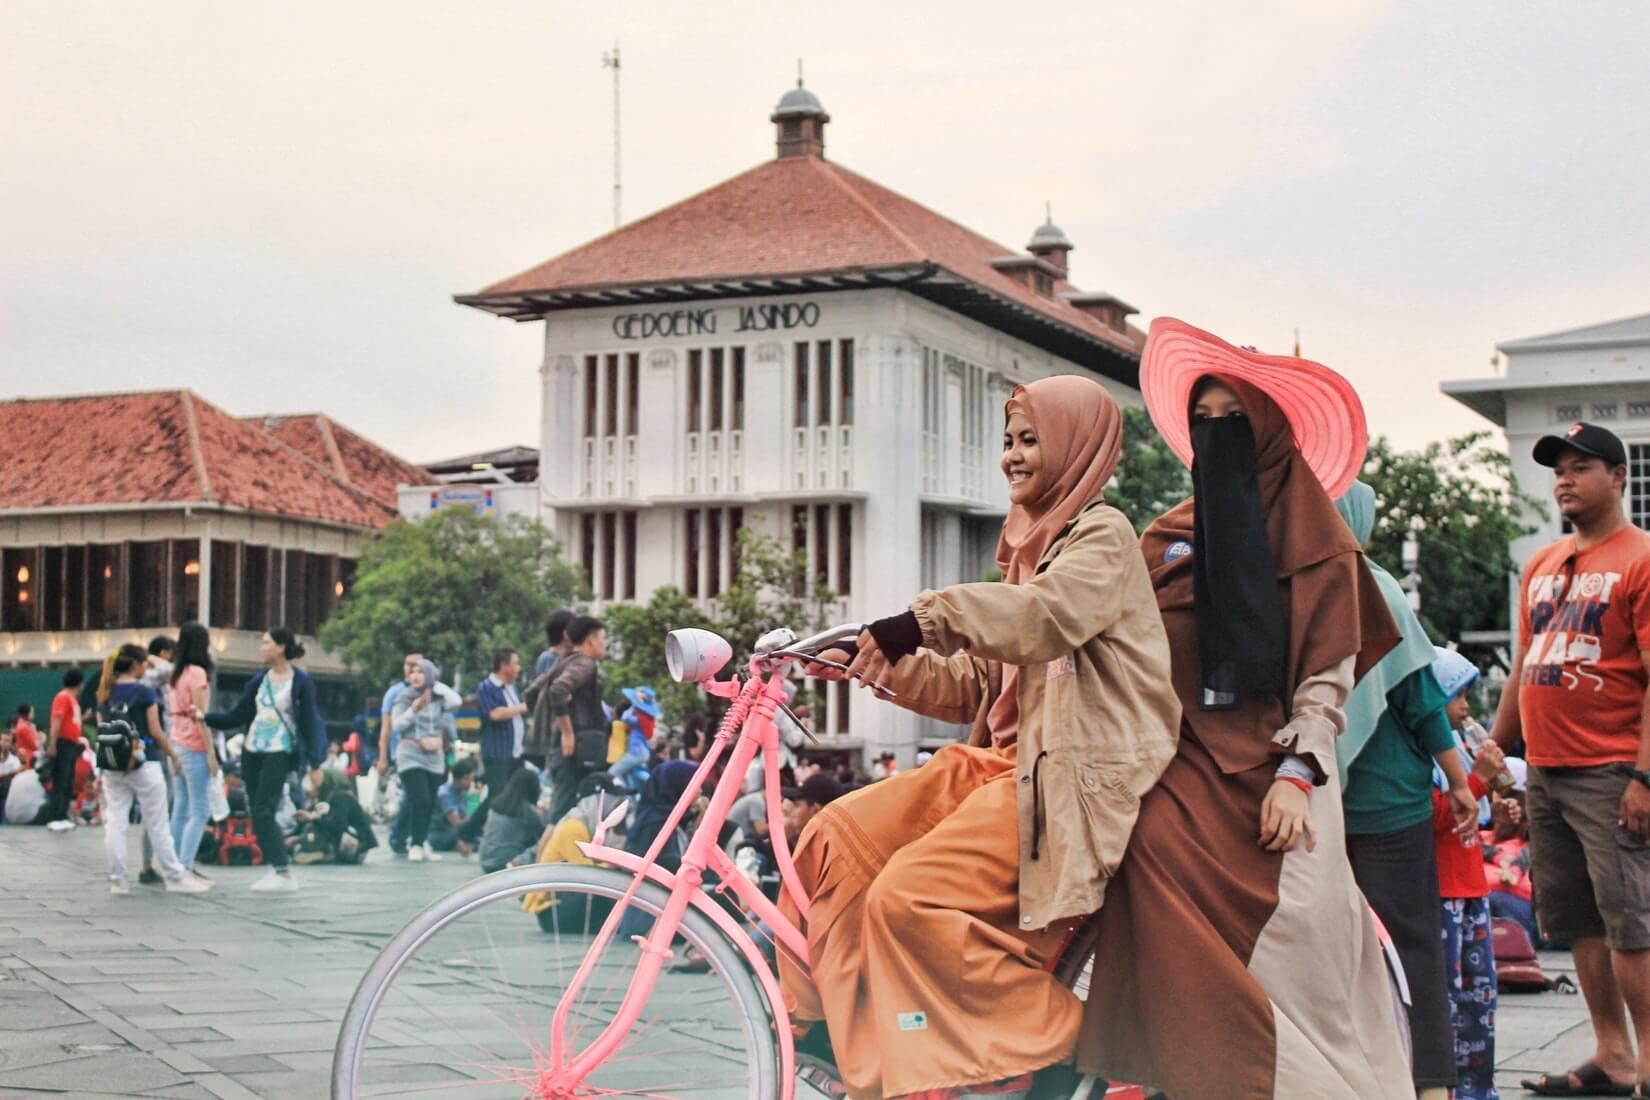 자카르타에서 자전거를 타는 여성 이미지